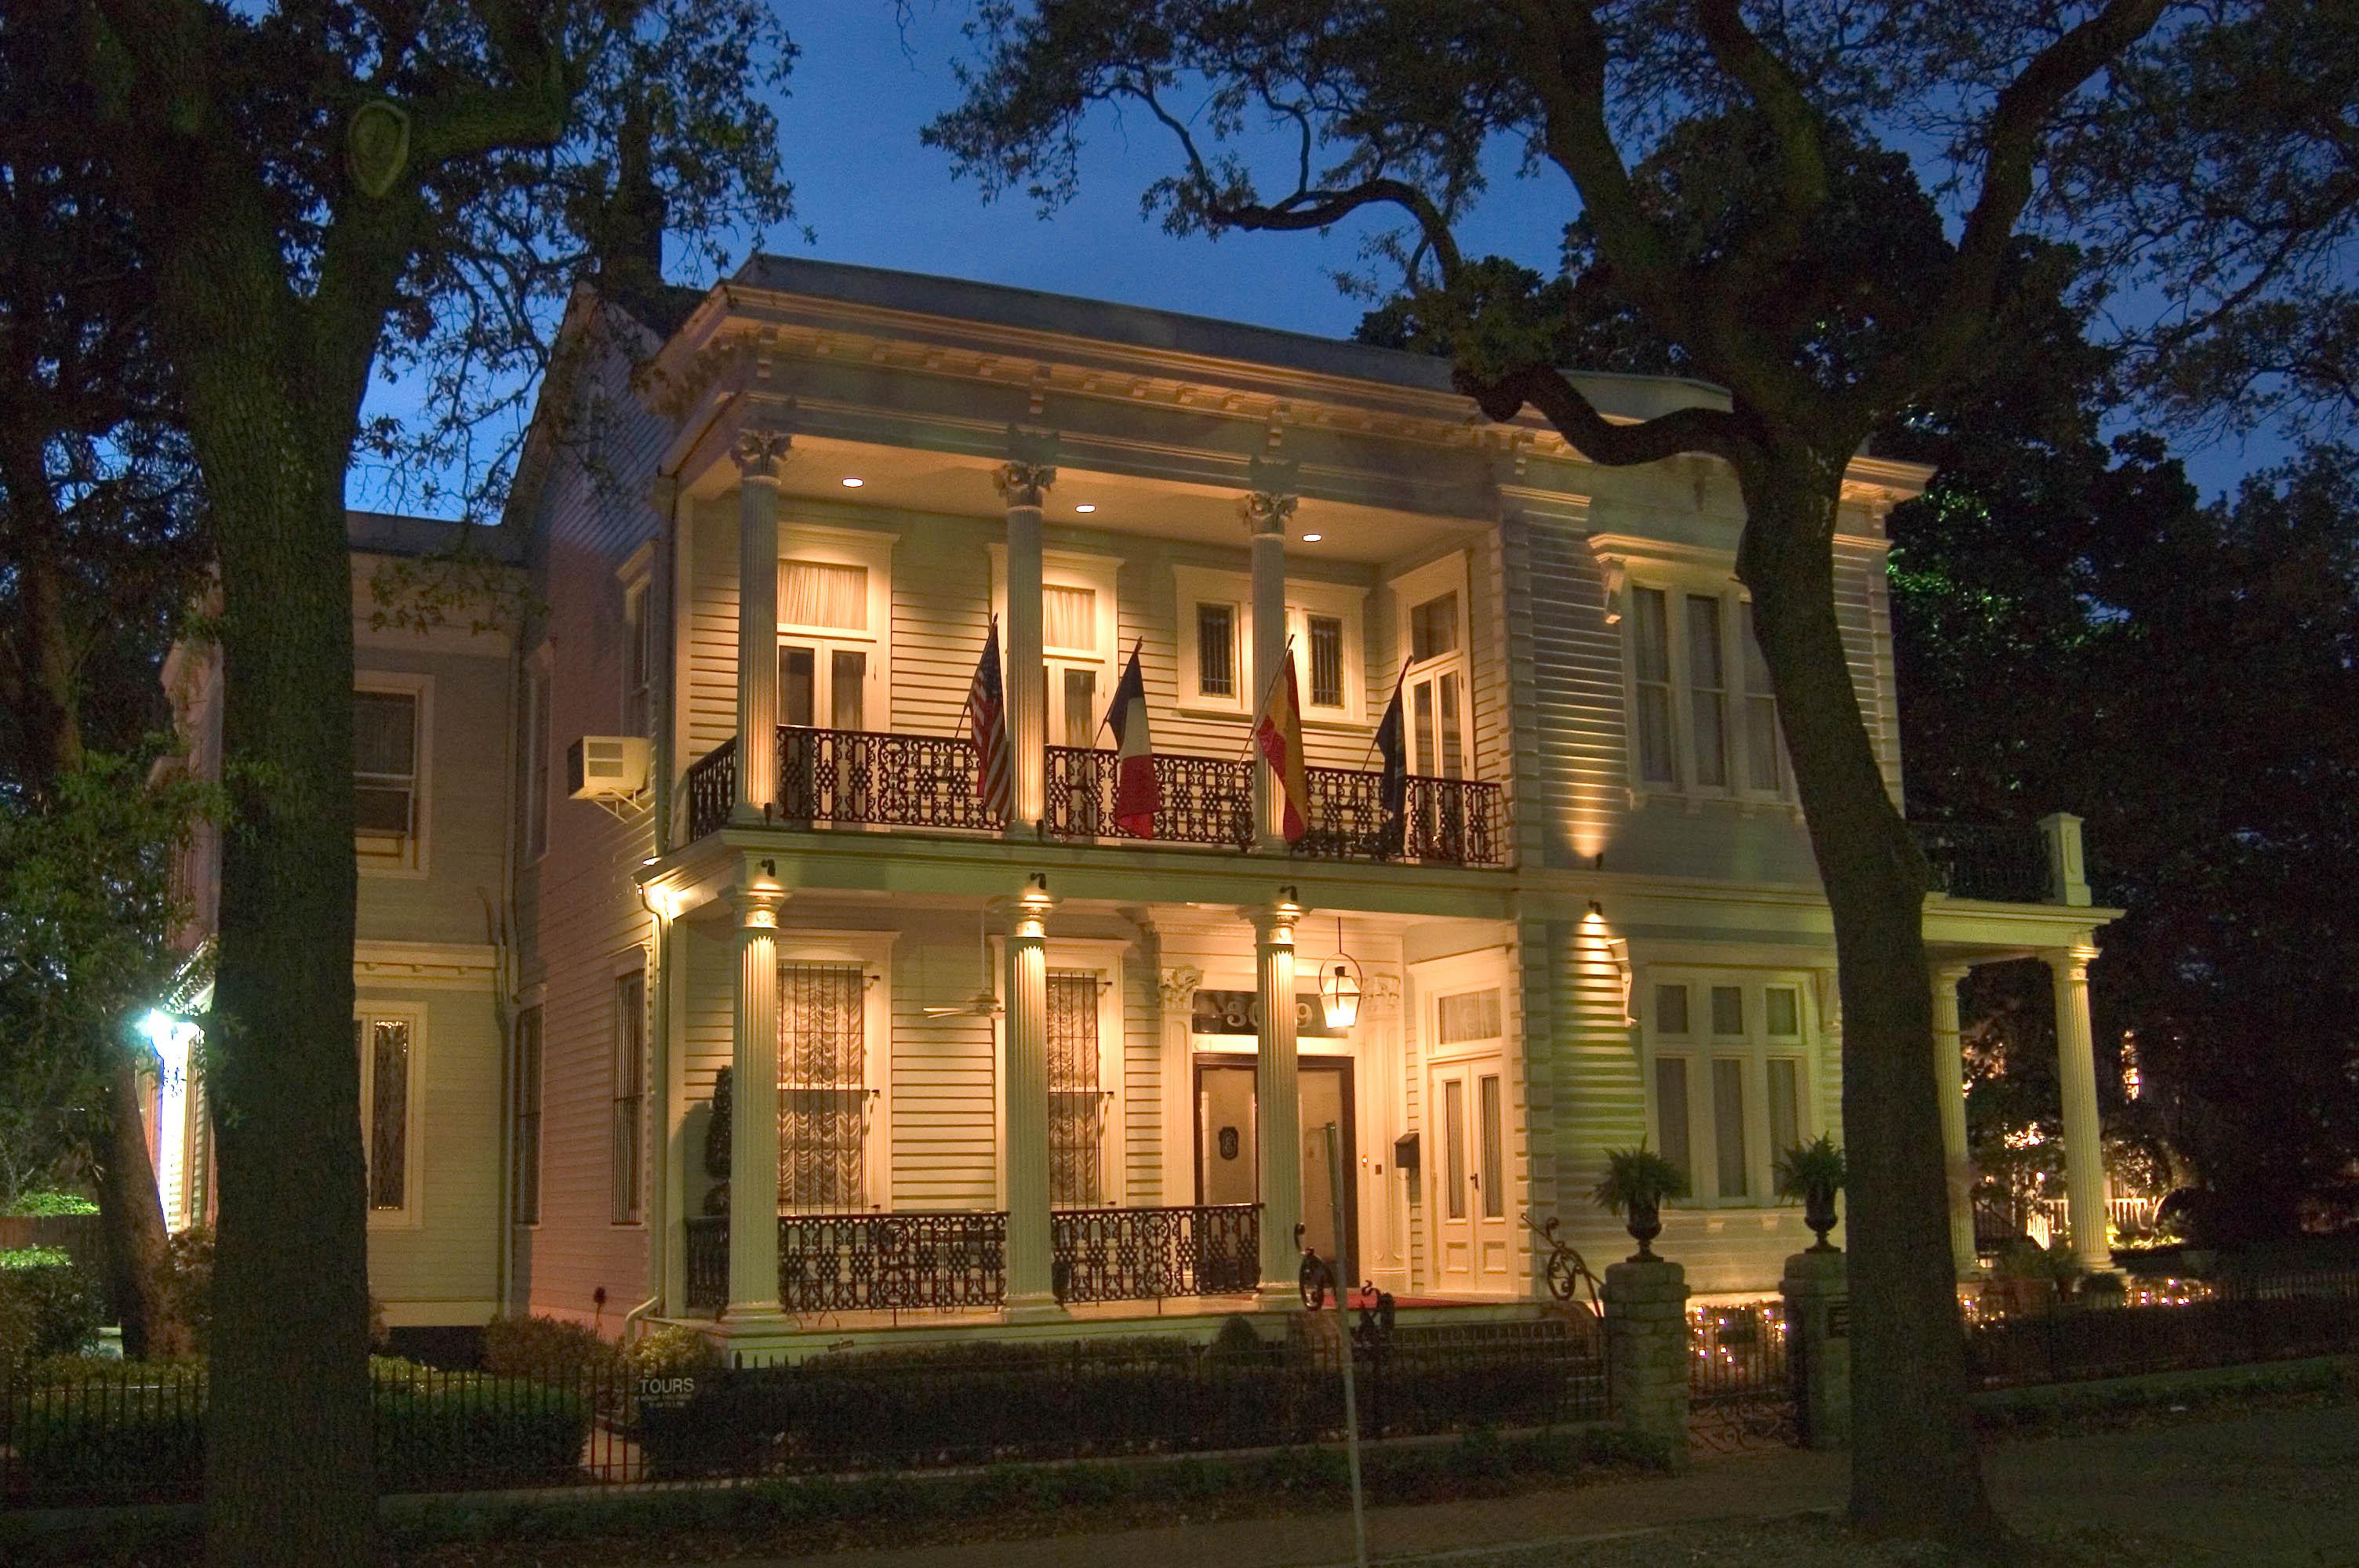 Photo 441 24 Van Benthuysen Elms Mansion C 1869 At